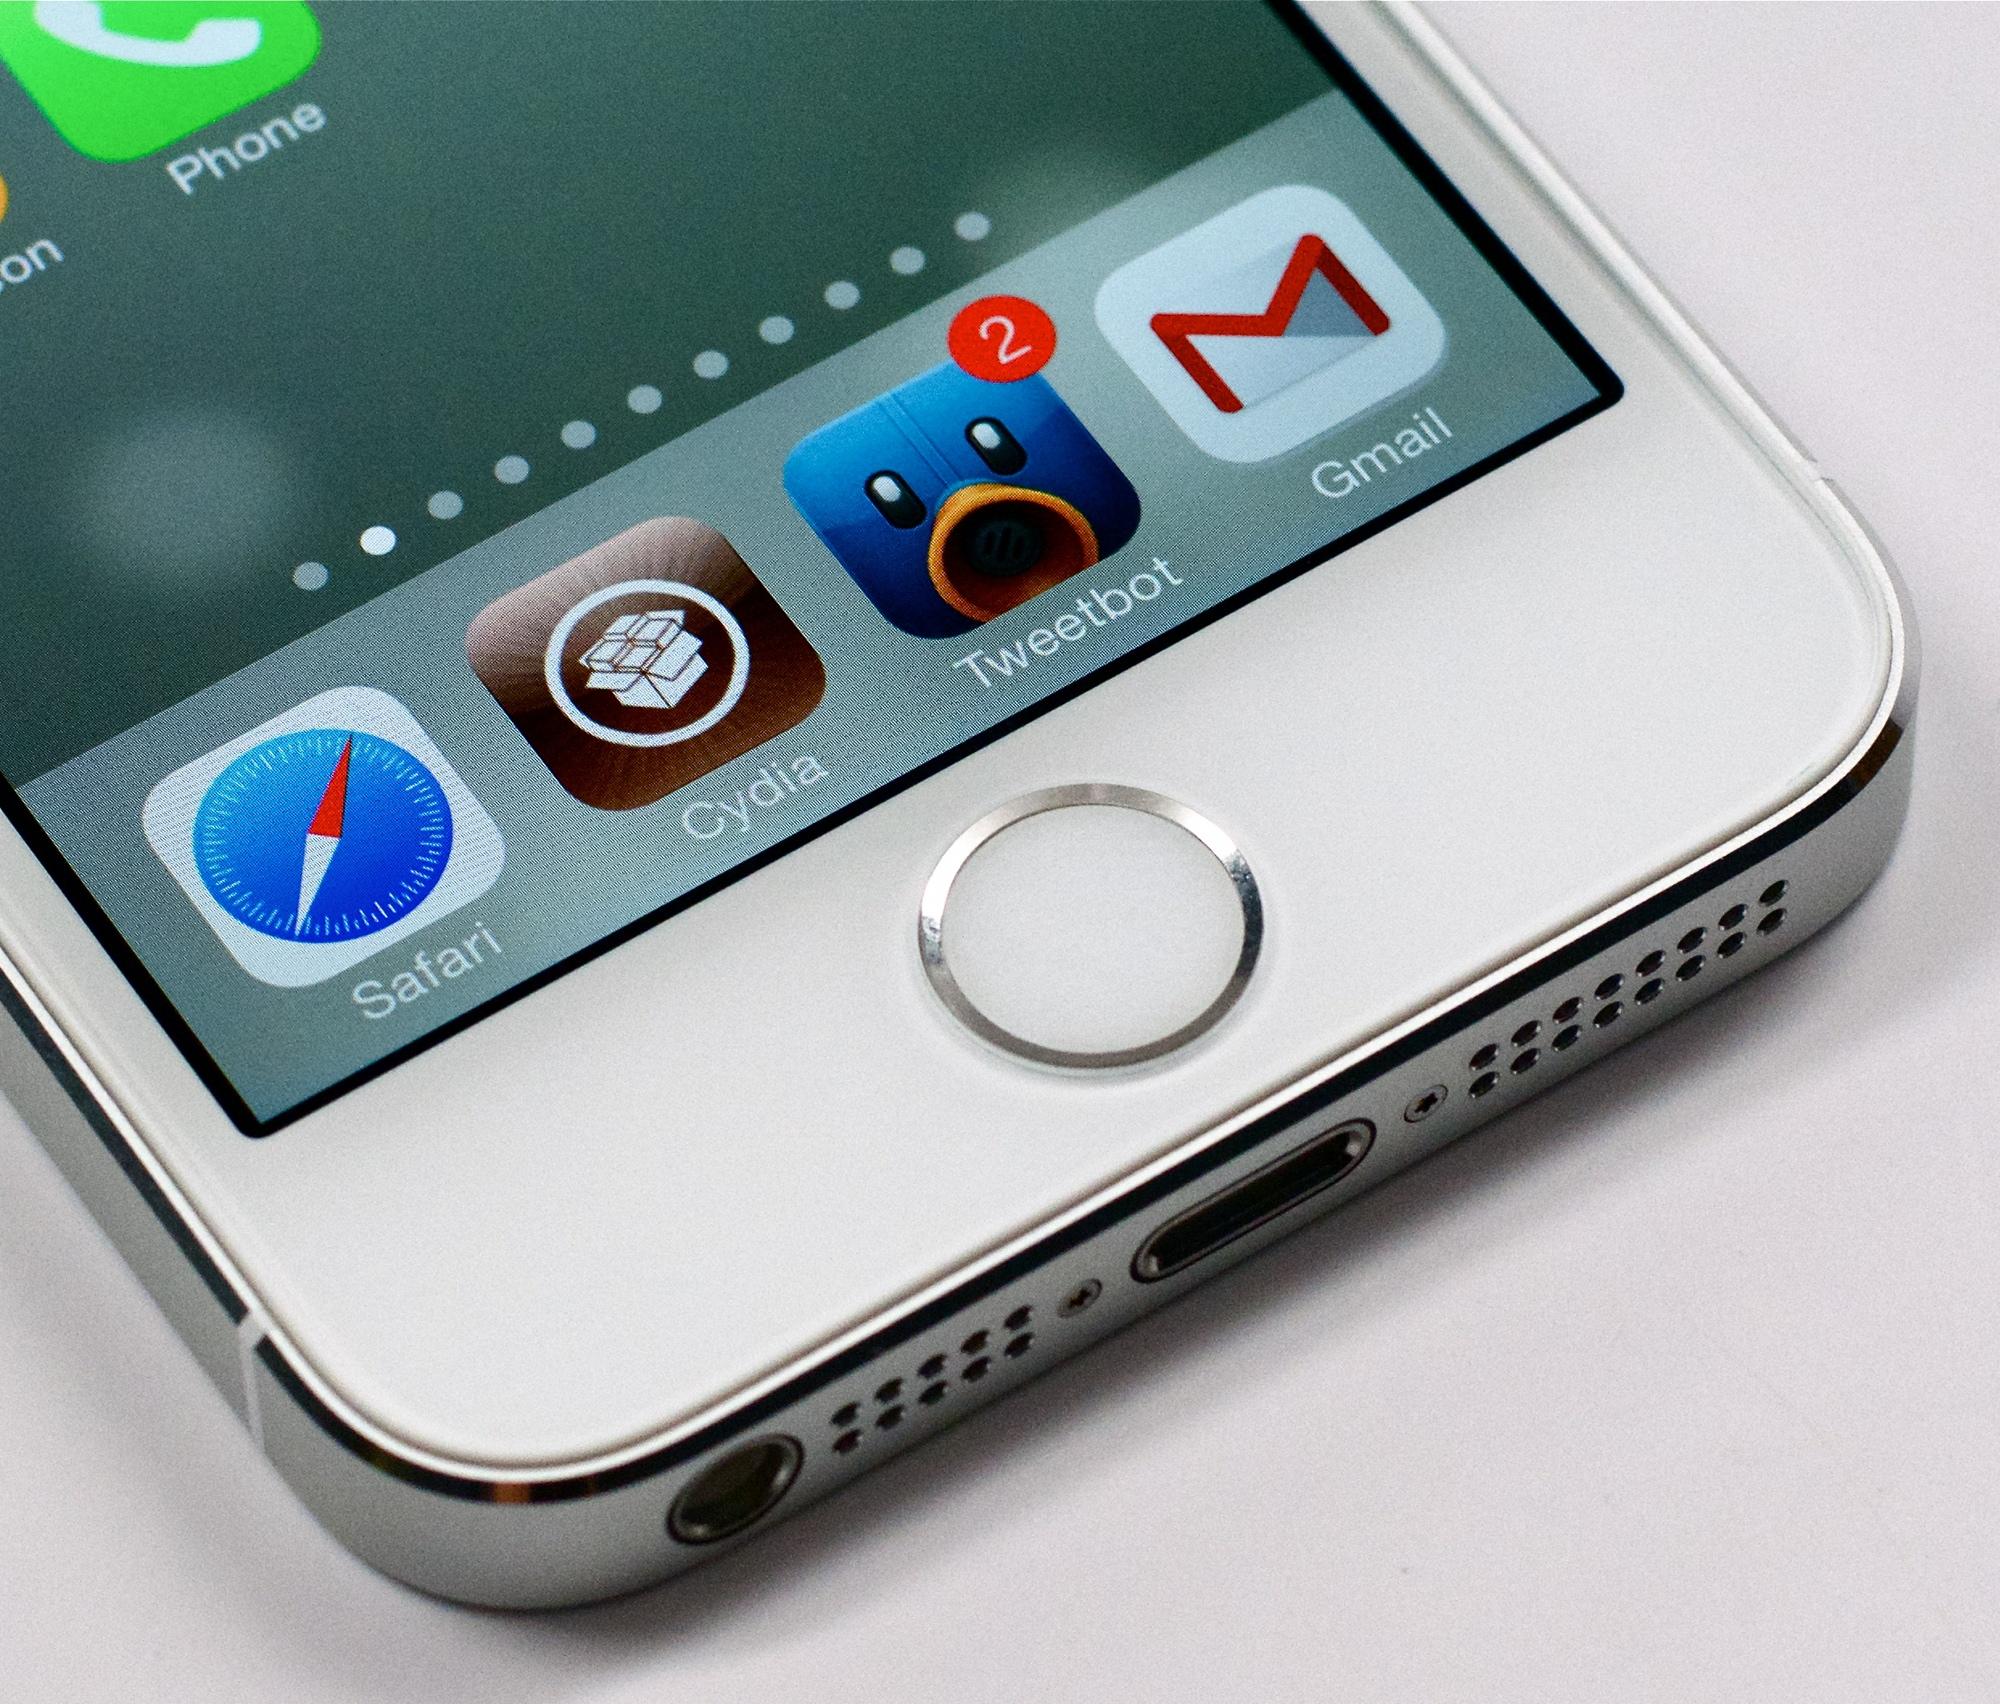 Отвязанный джейлбрейк iOS 6.0/6.0.1 для iPhone 3GS со старым бутромом